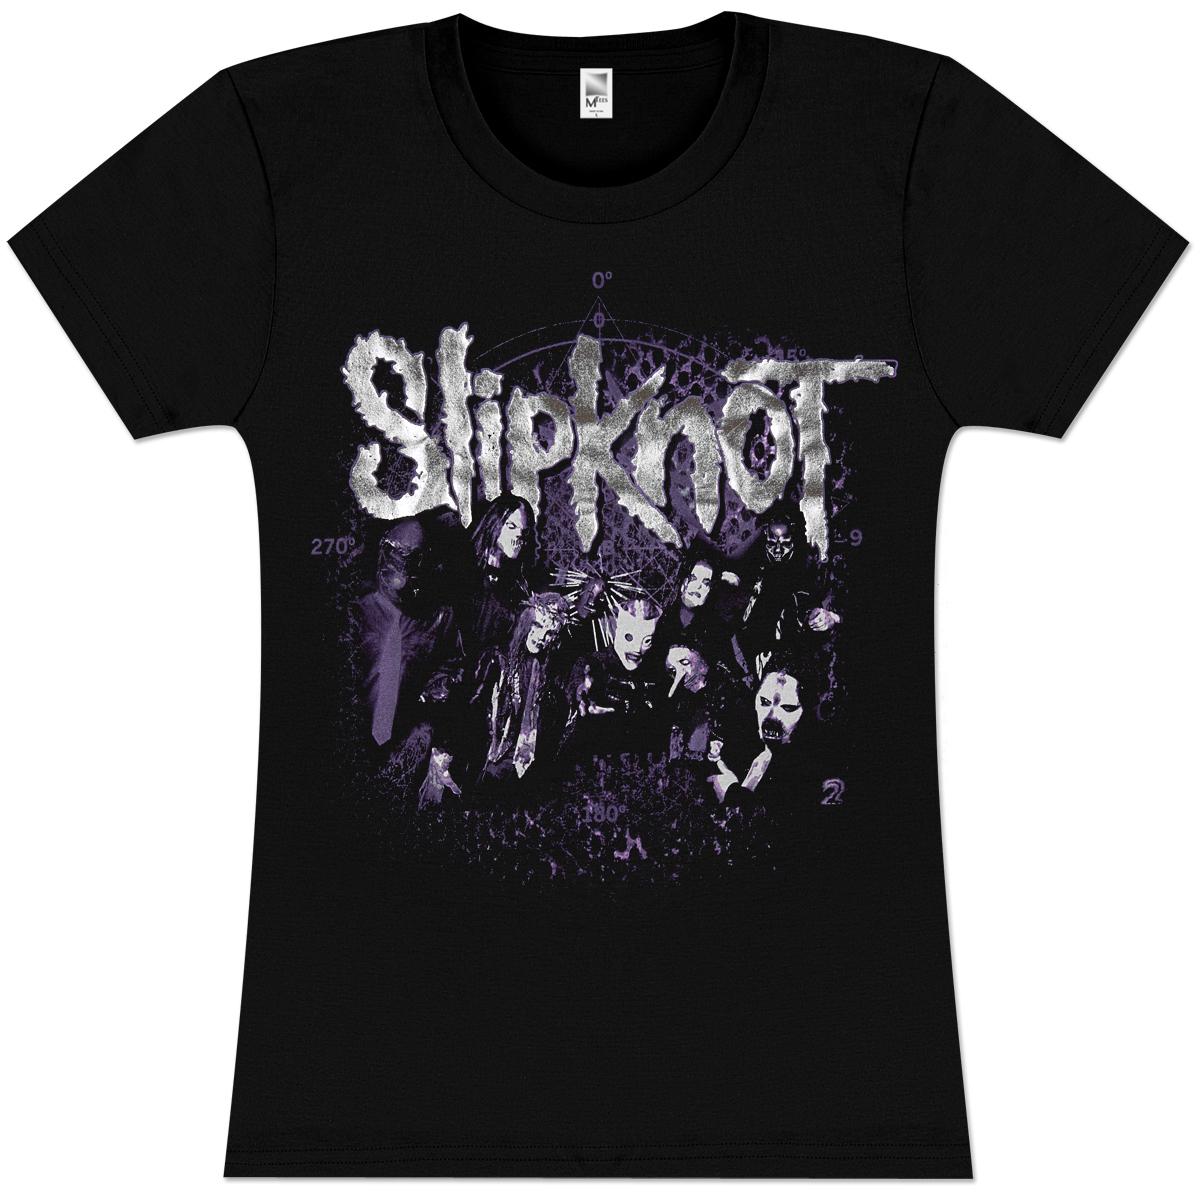 Slipknot Acid Burn Girlie T-Shirt